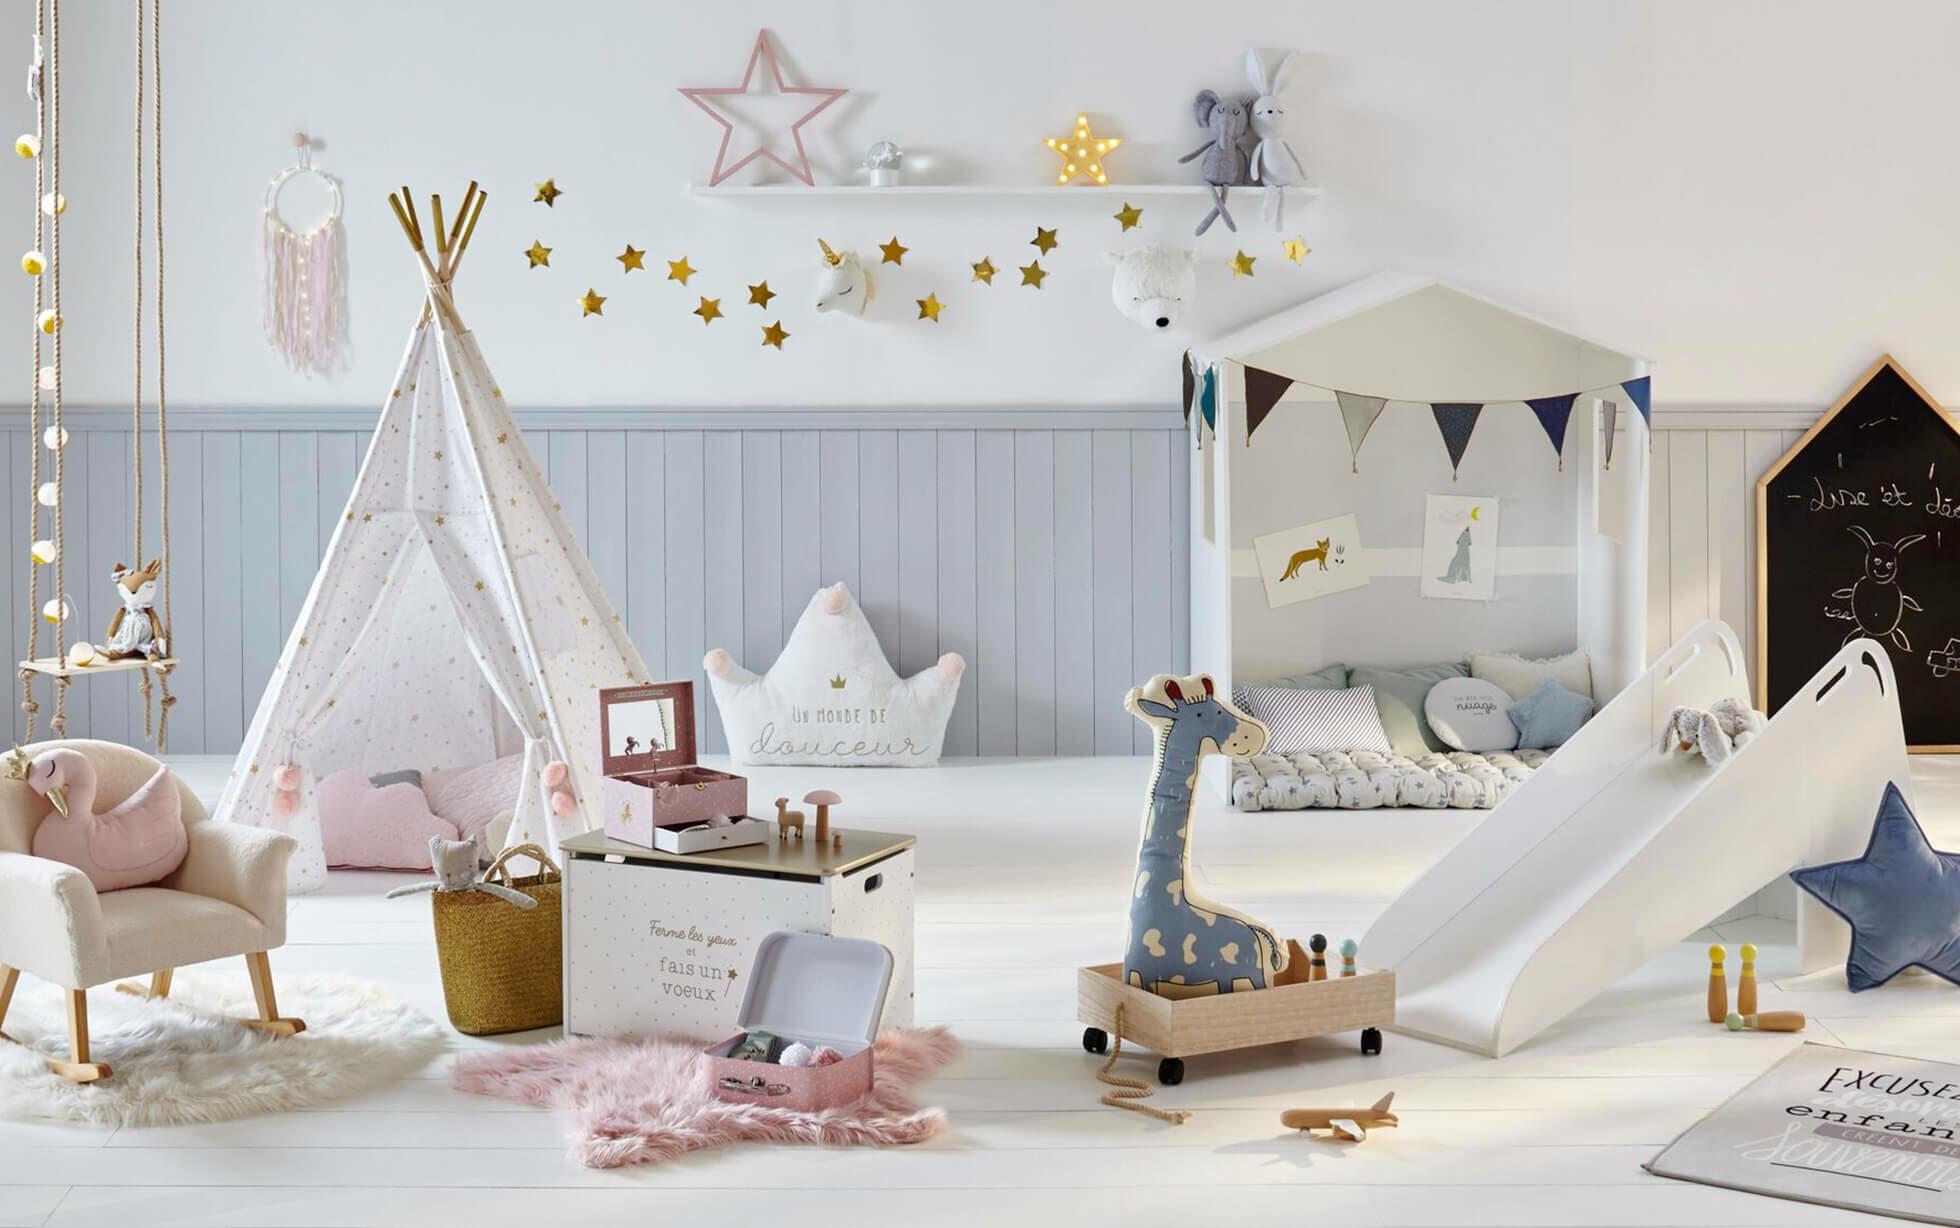 chambre d'enfant aménagée